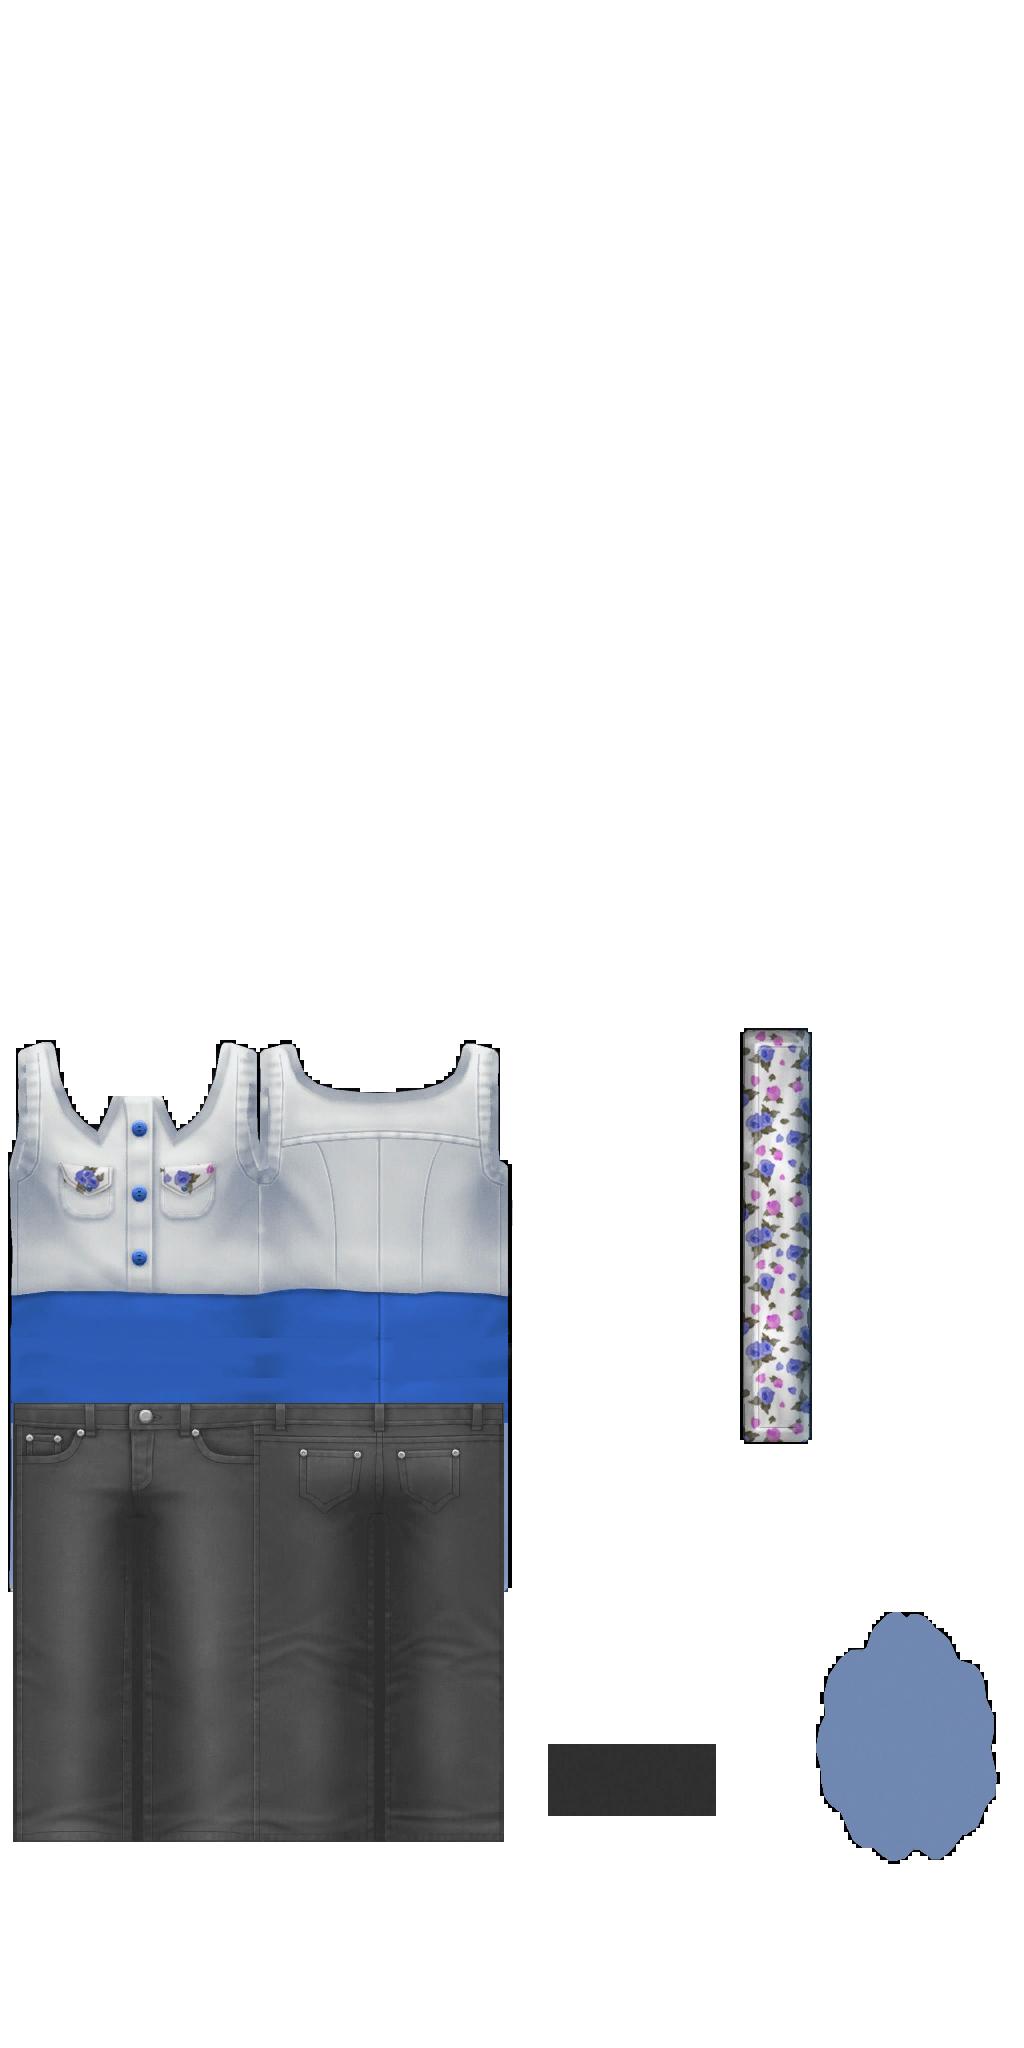 [Sims 4] Problème dans blender, scrapclothing et frankenmeshing  Textur10